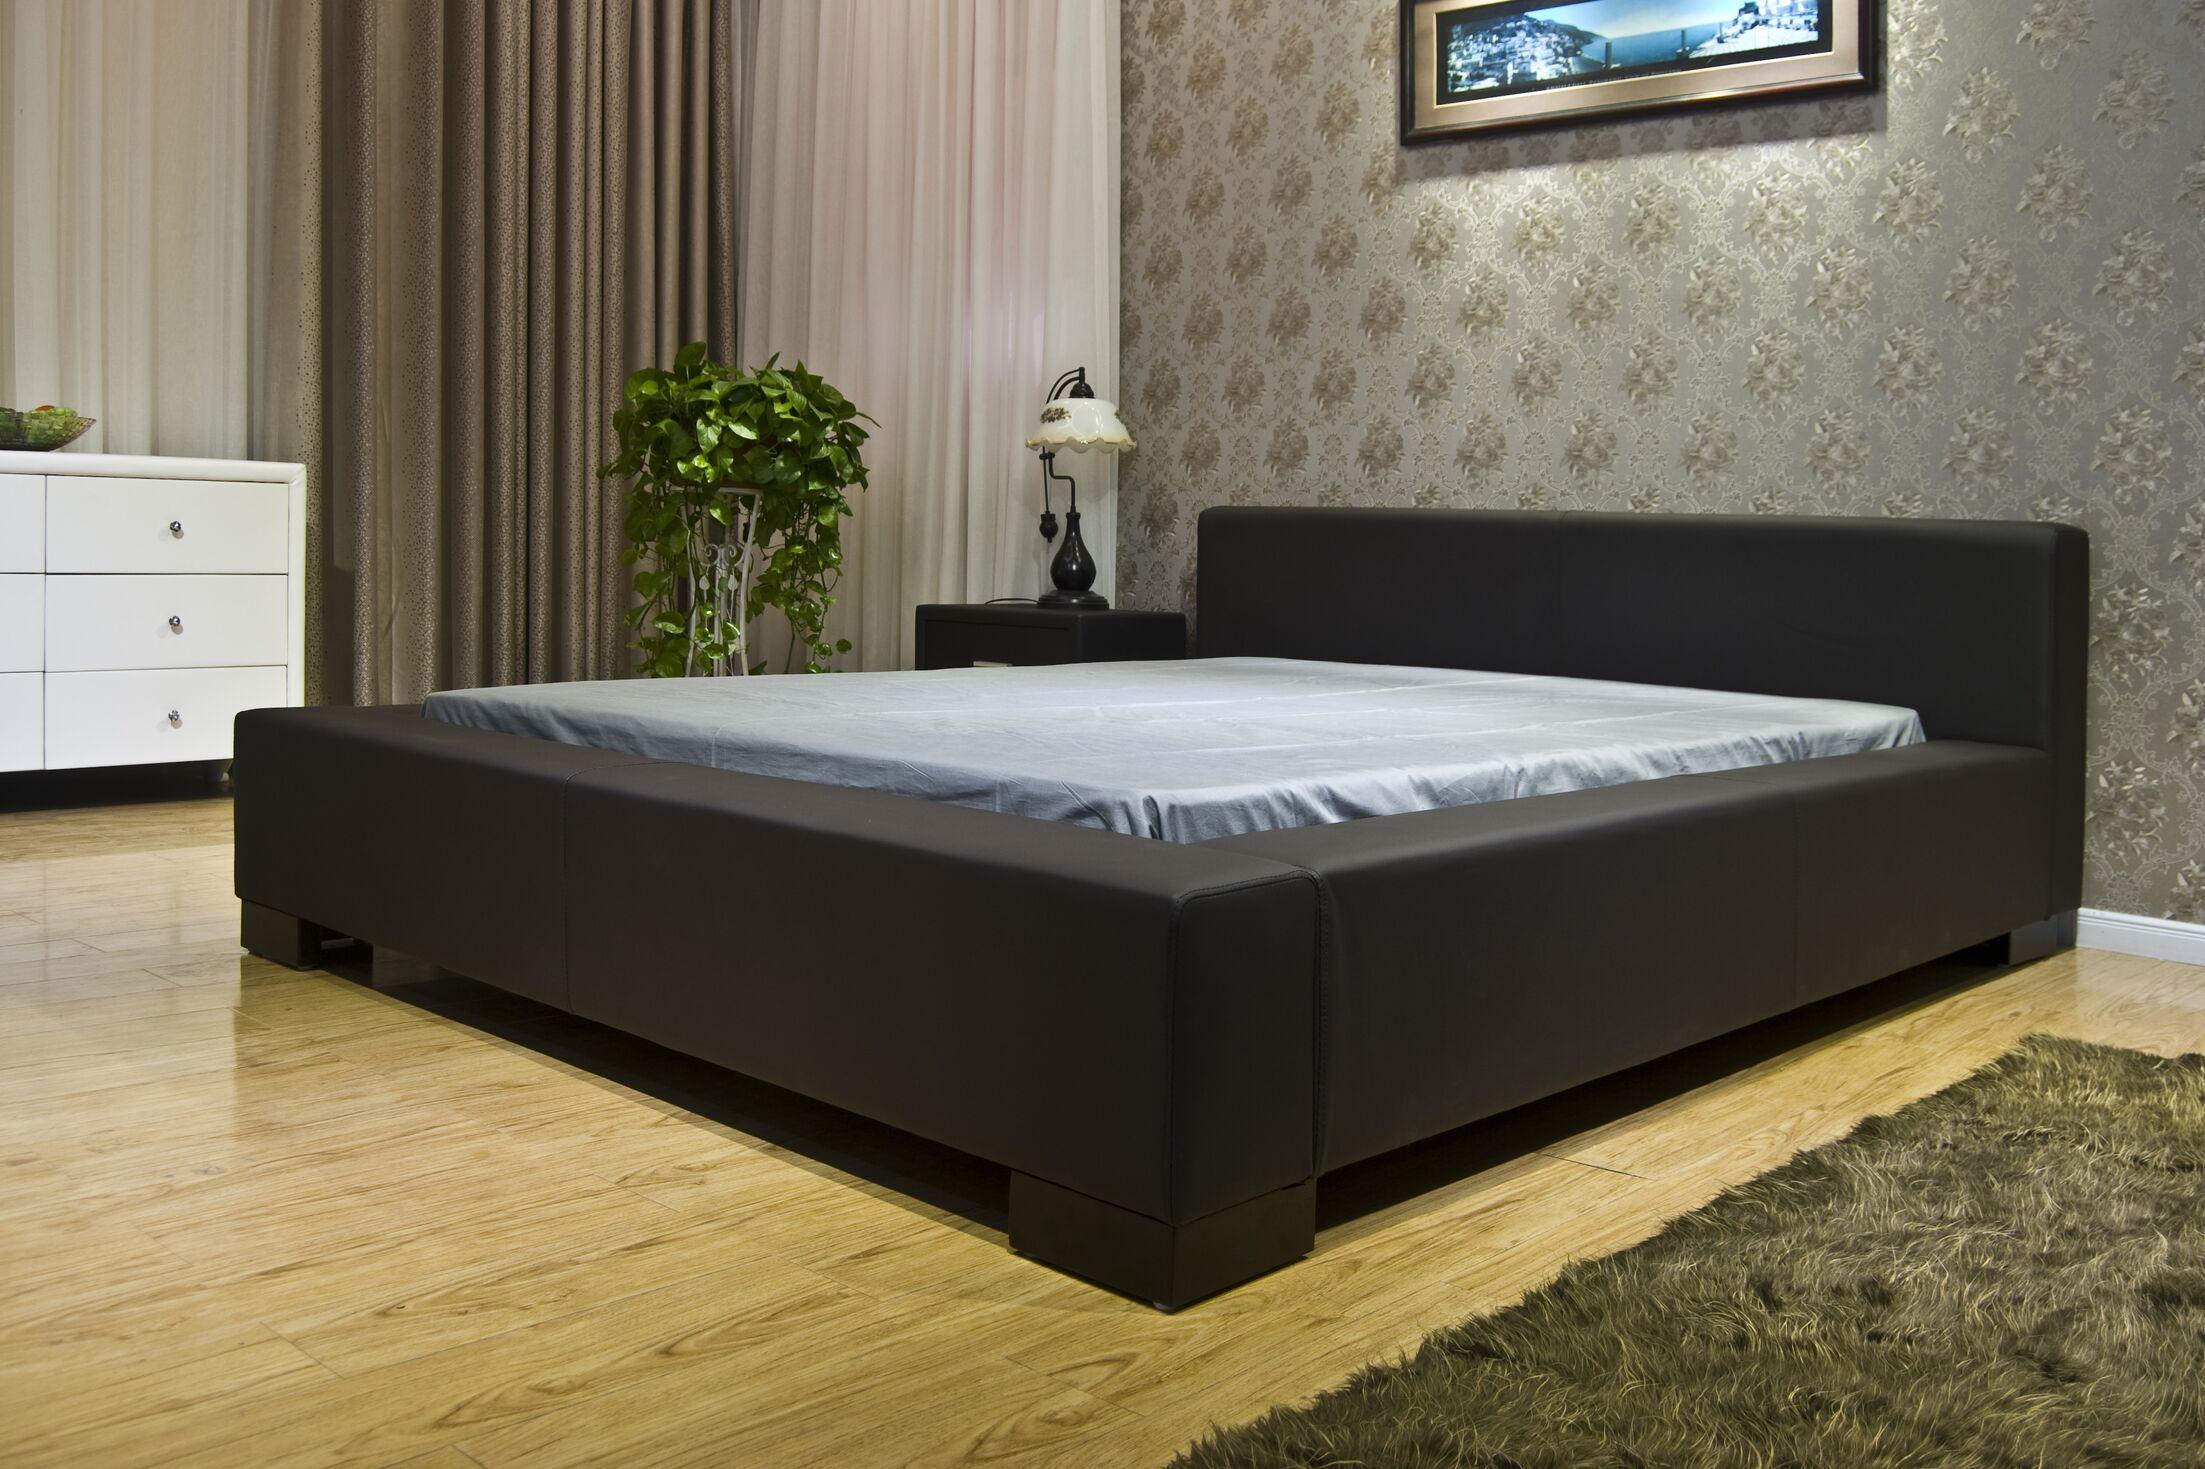 Astor Upholstered Platform Bed Color: Dark Brown, Size: King